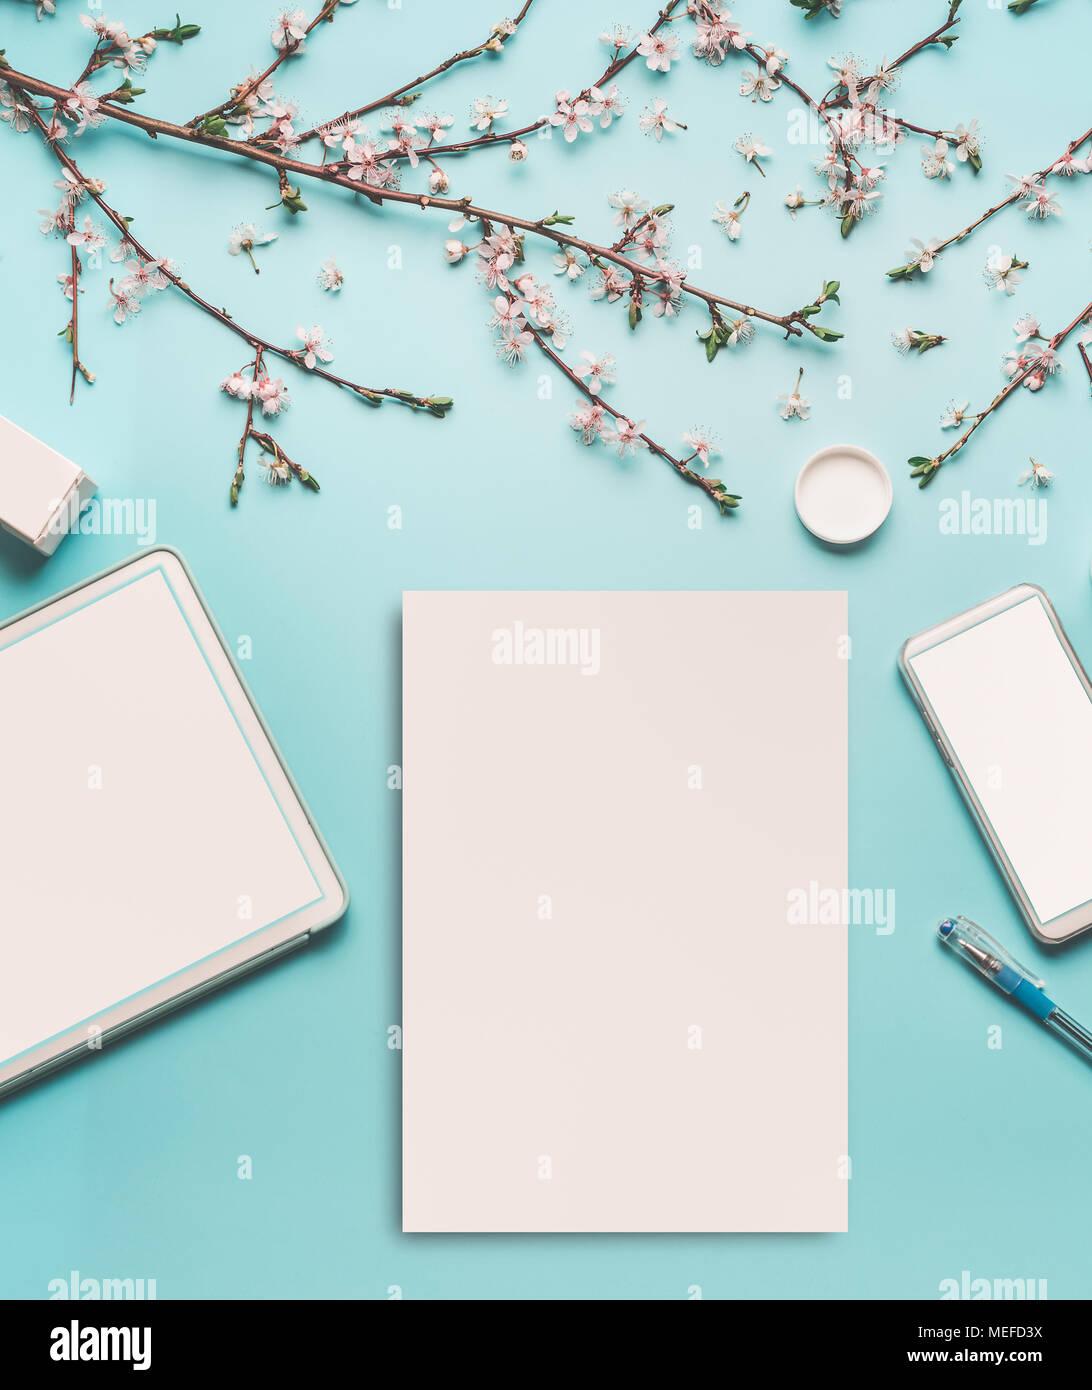 Frühling Hintergrund mit Cherry Blossom Zweige auf blau Desktop ...